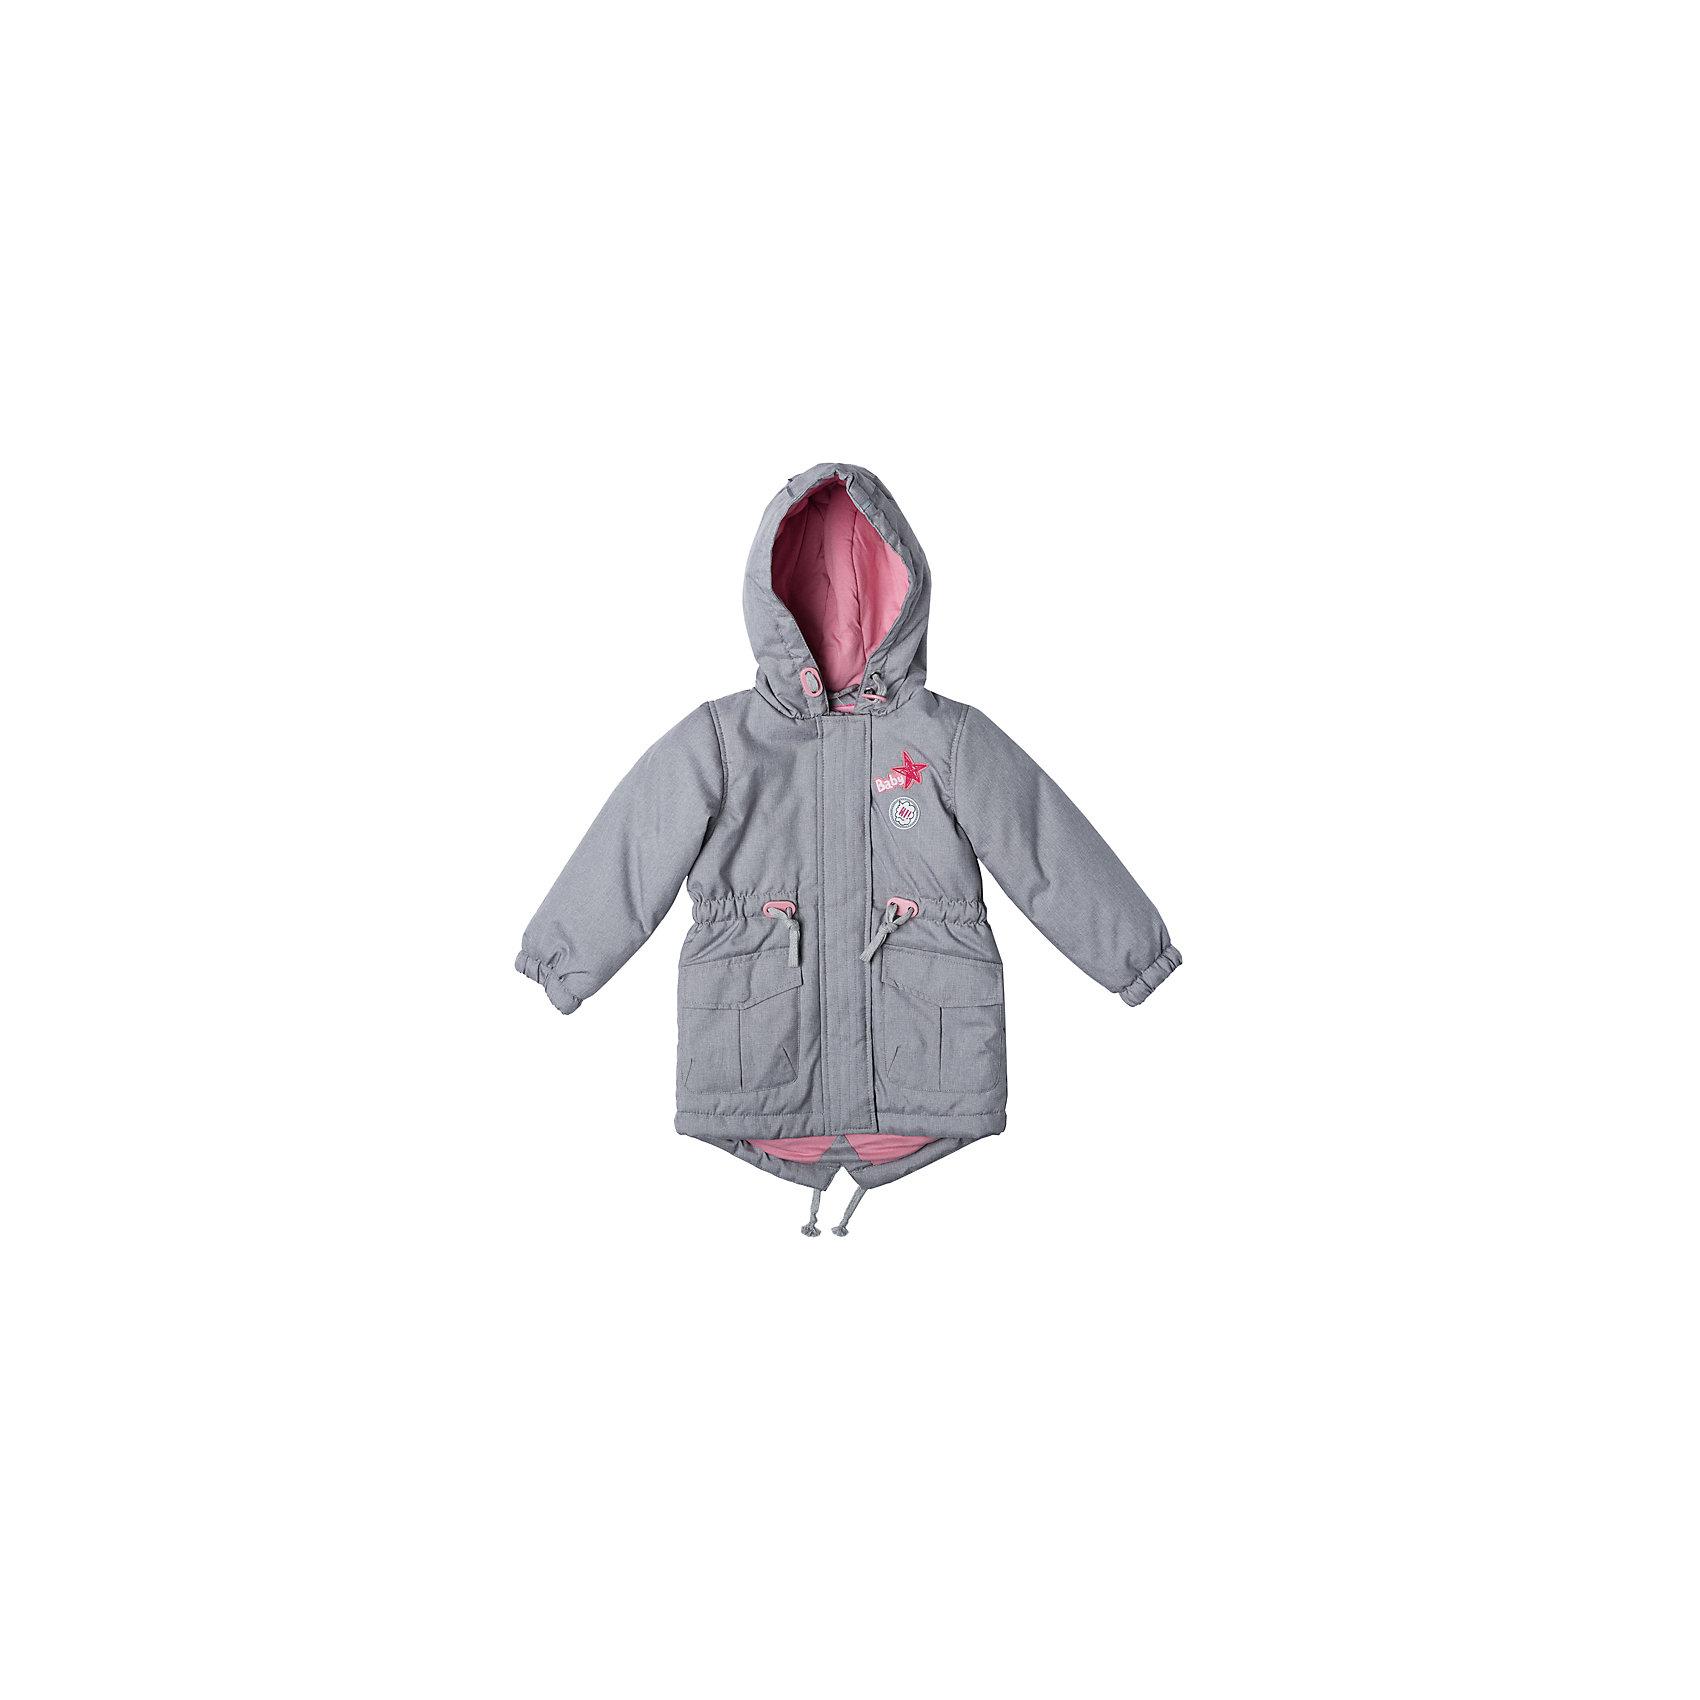 Куртка для девочки PlayTodayКуртка для девочки PlayToday<br>Практичная утепленная куртка с капюшоном со специальной водоотталкивающей пропиткой защитит Вашего ребенка в любую погоду! Мягкие трикотажные резинки на рукавах защитят Вашего ребенка - ветер не сможет проникнуть под куртку.  Специальный карман для фиксации застежки-молнии не позволит застежке травмировать нежную детскую кожу. Мягкая резинка на капюшоне не позволит ему упасть с головы вашего ребенка даже во время активных игр. Для дополнительного сохранения тепла модель снабжена шнурами - кулисками на поясе и по низу изделияПреимущества: Защита подбородка. Специальный карман для фиксации застежки-молнии. Наличие данного кармана не позволит застежке -молнии травмировать нежную кожу ребенкаКапюшон на мягкой резинкеВодоооталкивающая пропитка<br>Состав:<br>Верх: 100% полиэстер, подкладка: 80% хлопок, 20% полиэстер, Утеплитель 100% полиэстер, 150 г/м2<br><br>Ширина мм: 356<br>Глубина мм: 10<br>Высота мм: 245<br>Вес г: 519<br>Цвет: разноцветный<br>Возраст от месяцев: 18<br>Возраст до месяцев: 24<br>Пол: Женский<br>Возраст: Детский<br>Размер: 92,74,80,86<br>SKU: 5408084